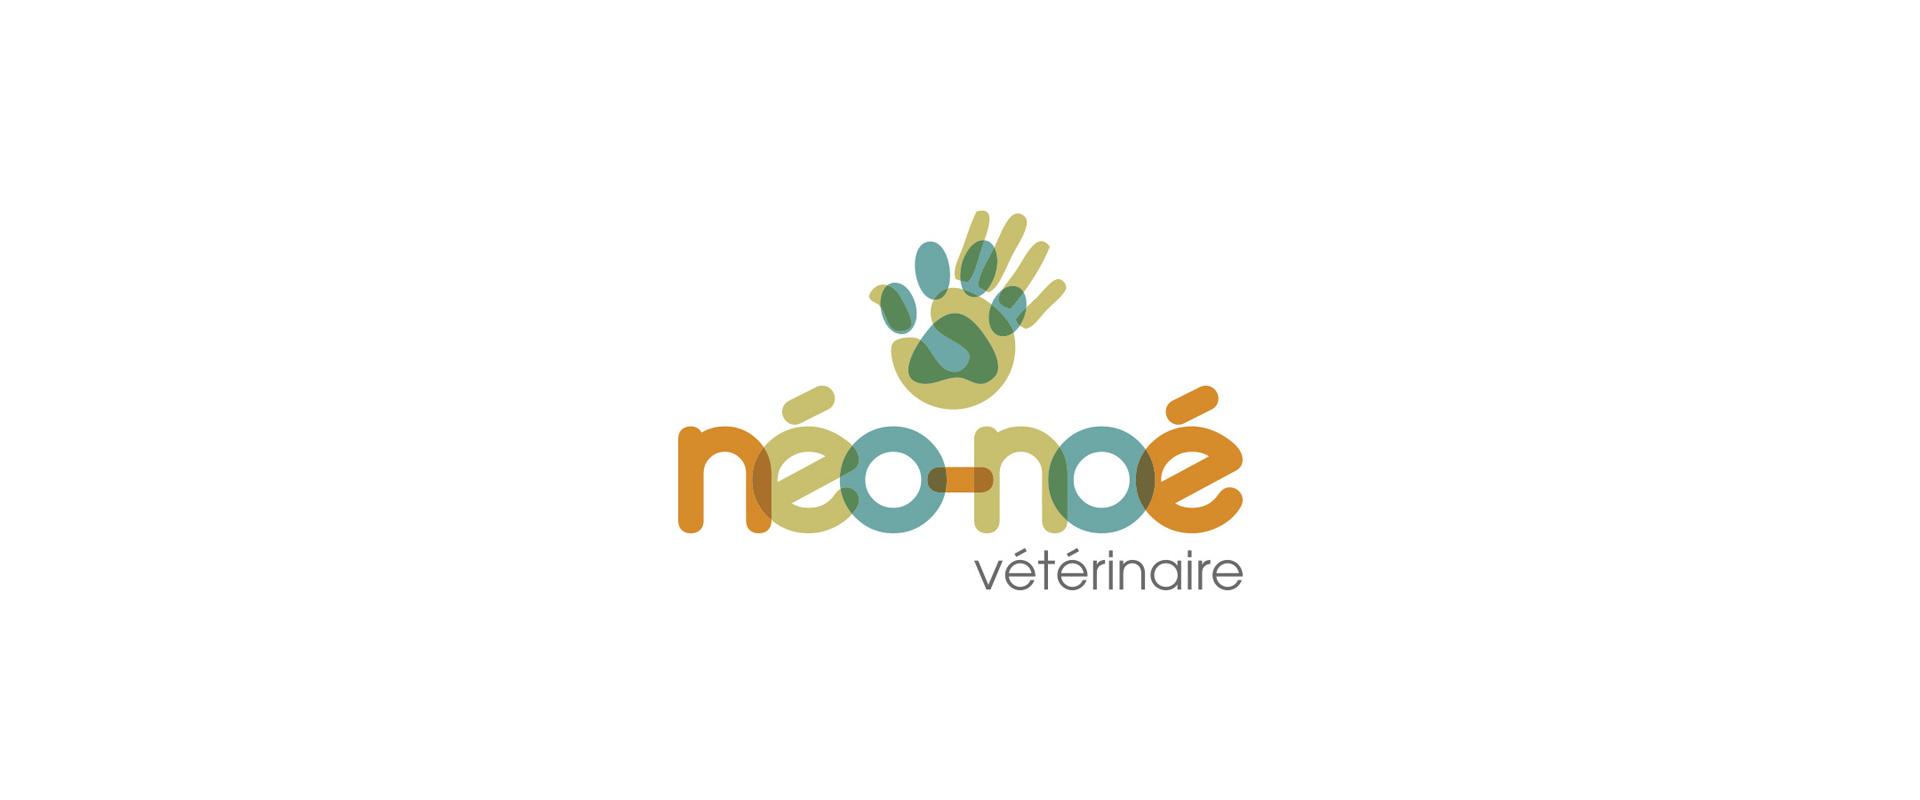 néo-noé vétérinaire